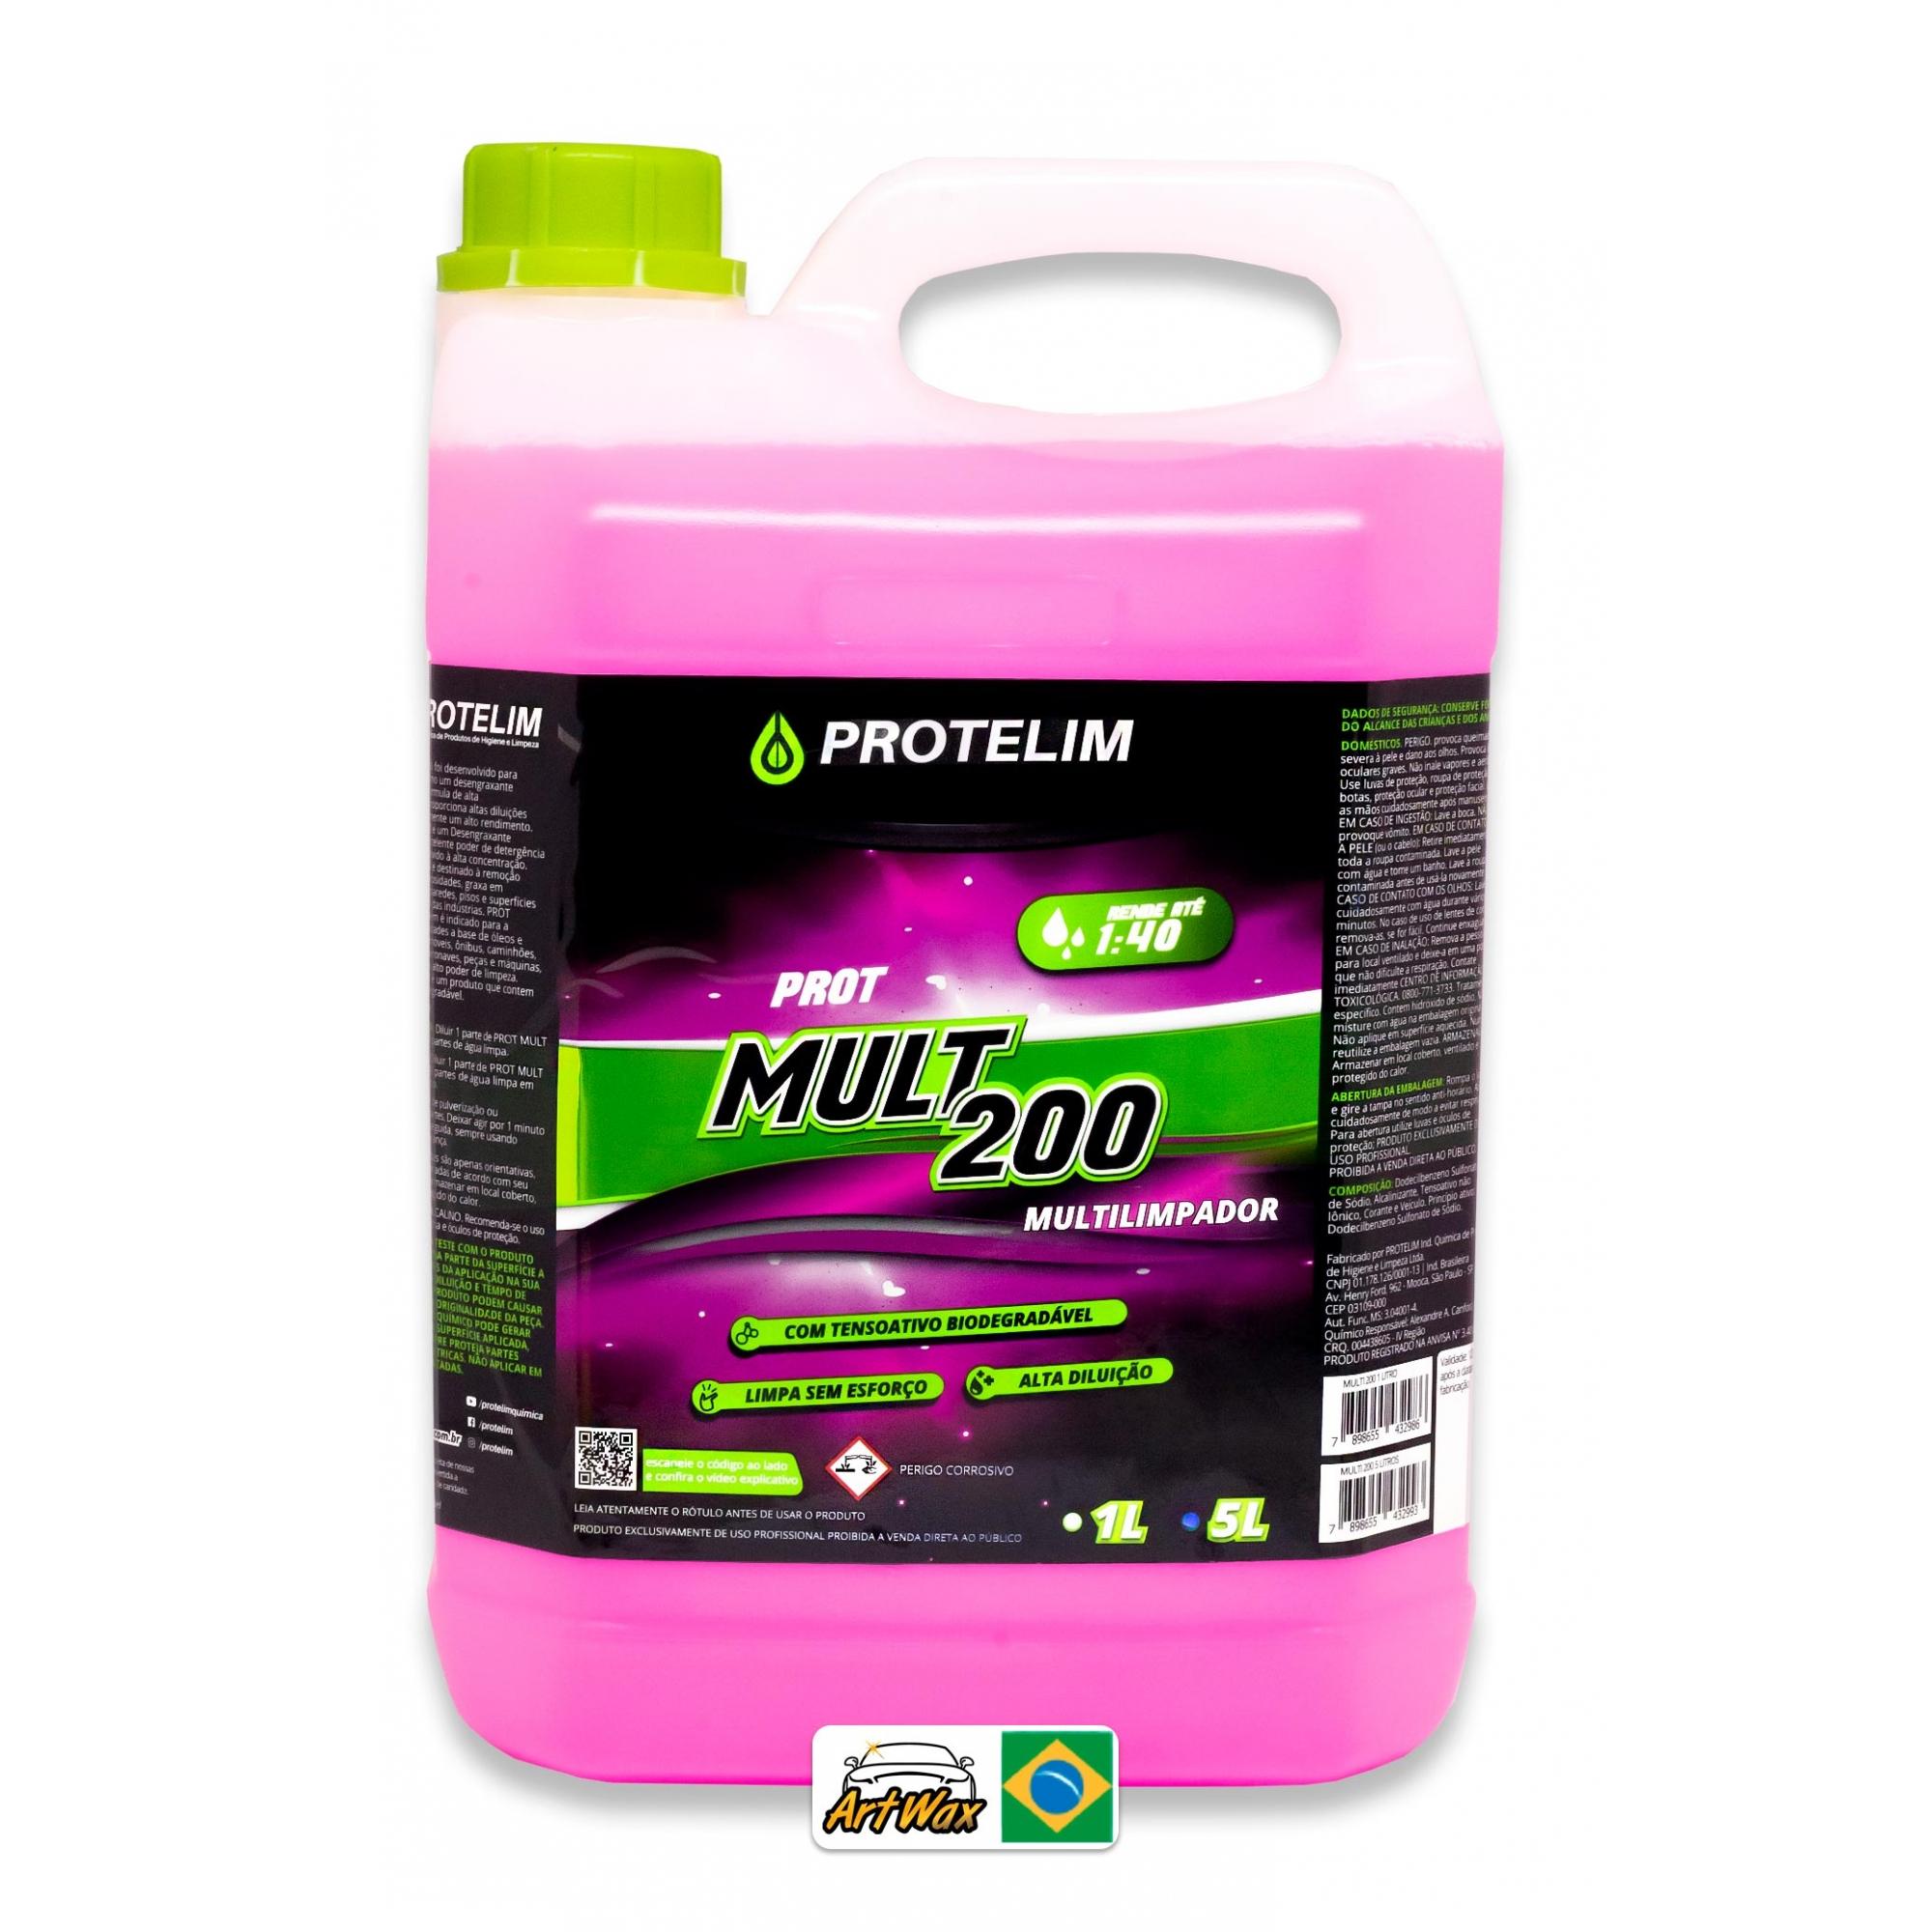 Protelim Prot Multi 200 Multiuso Concentrado 5L